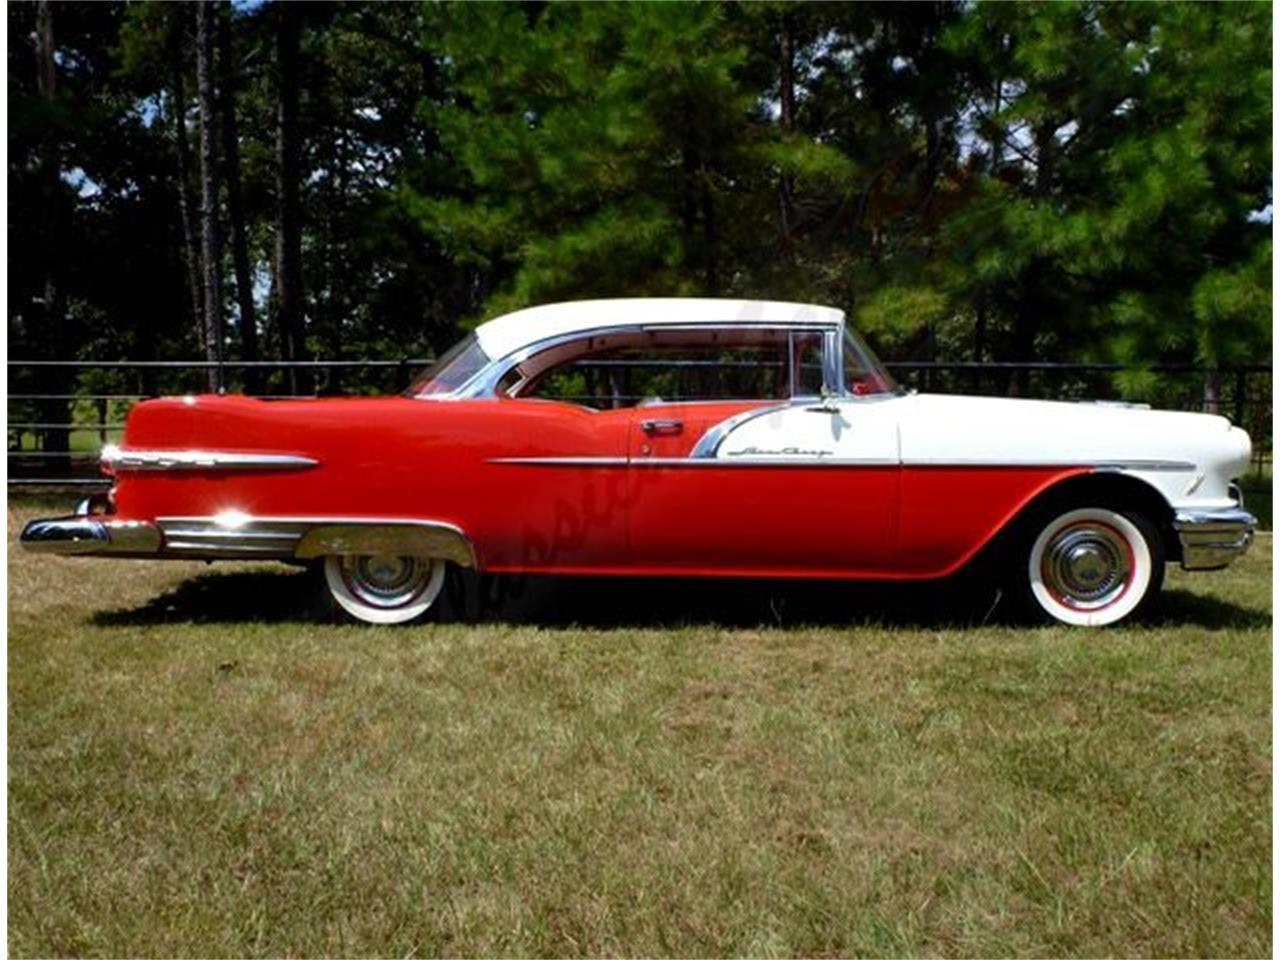 Texas Car Inspection >> 1956 Pontiac Star Chief for Sale | ClassicCars.com | CC-725679